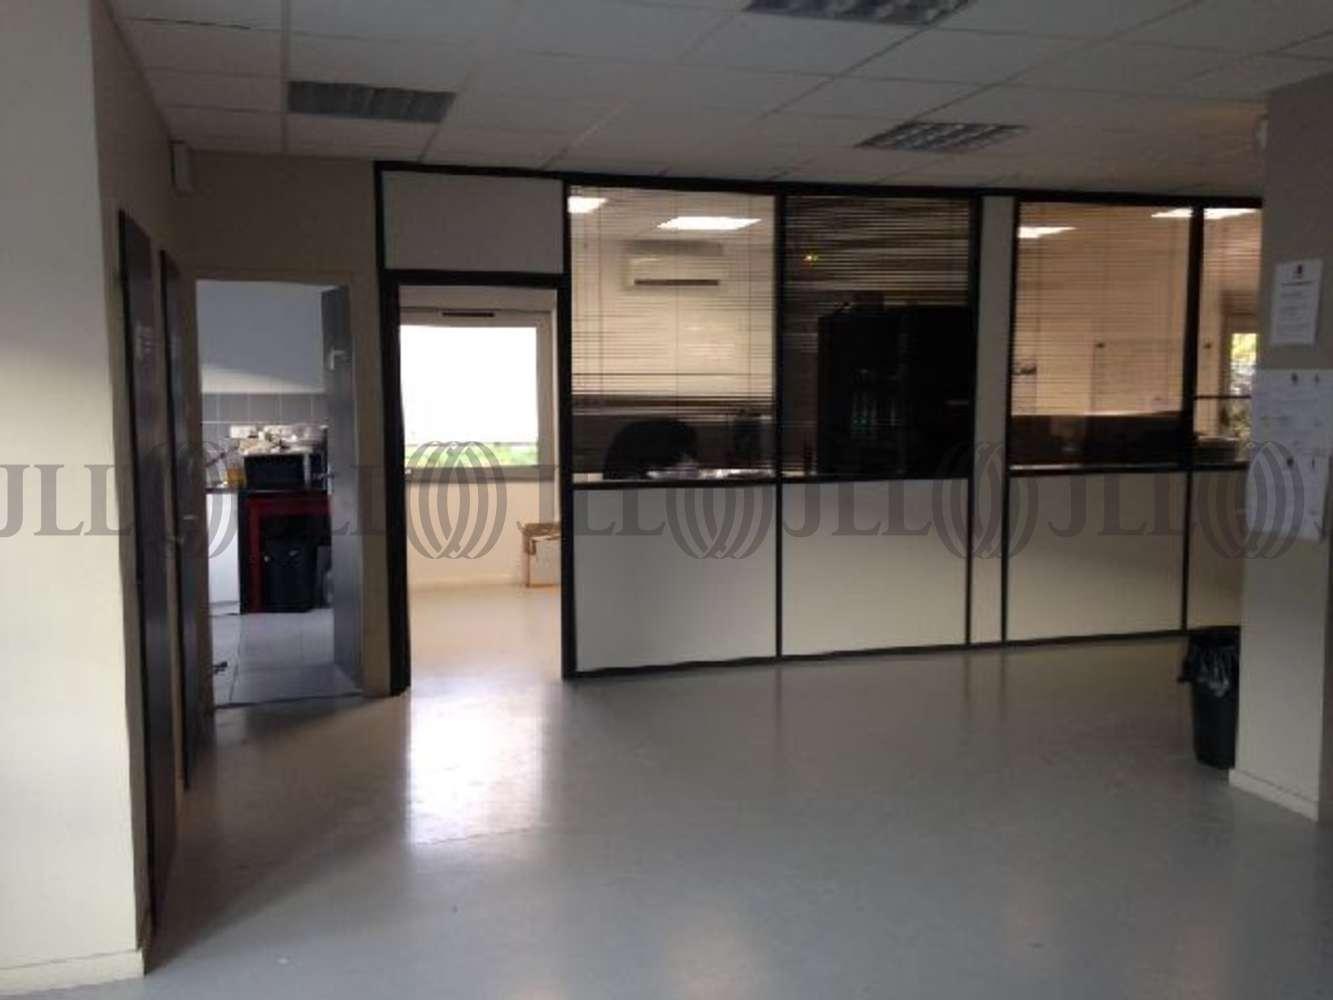 Activités/entrepôt Villefranche sur saone, 69400 - Location entrepot Lyon (mixte) - 9458141